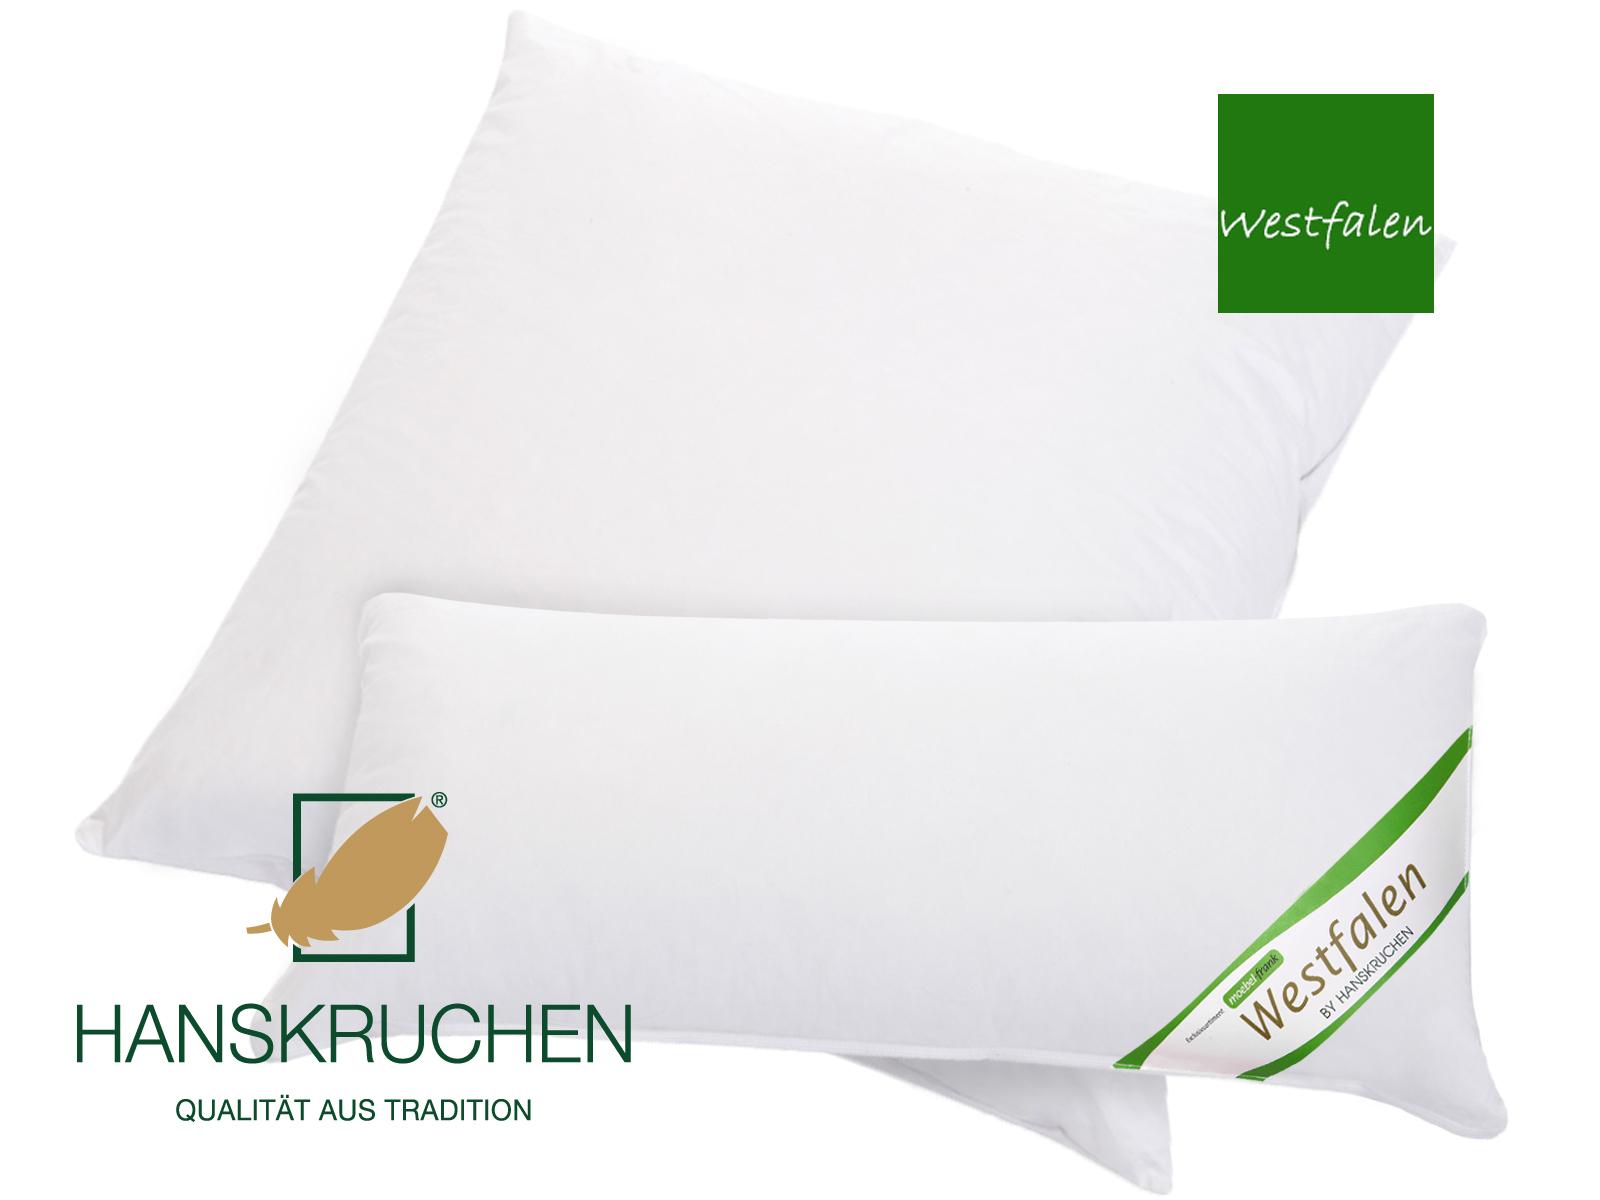 Kopfkissen neue westfälische Landfedern und Daunen Klasse 1 Baumwolle Deutsches Qualitätsprodukt Hanskruchen – Bild 1